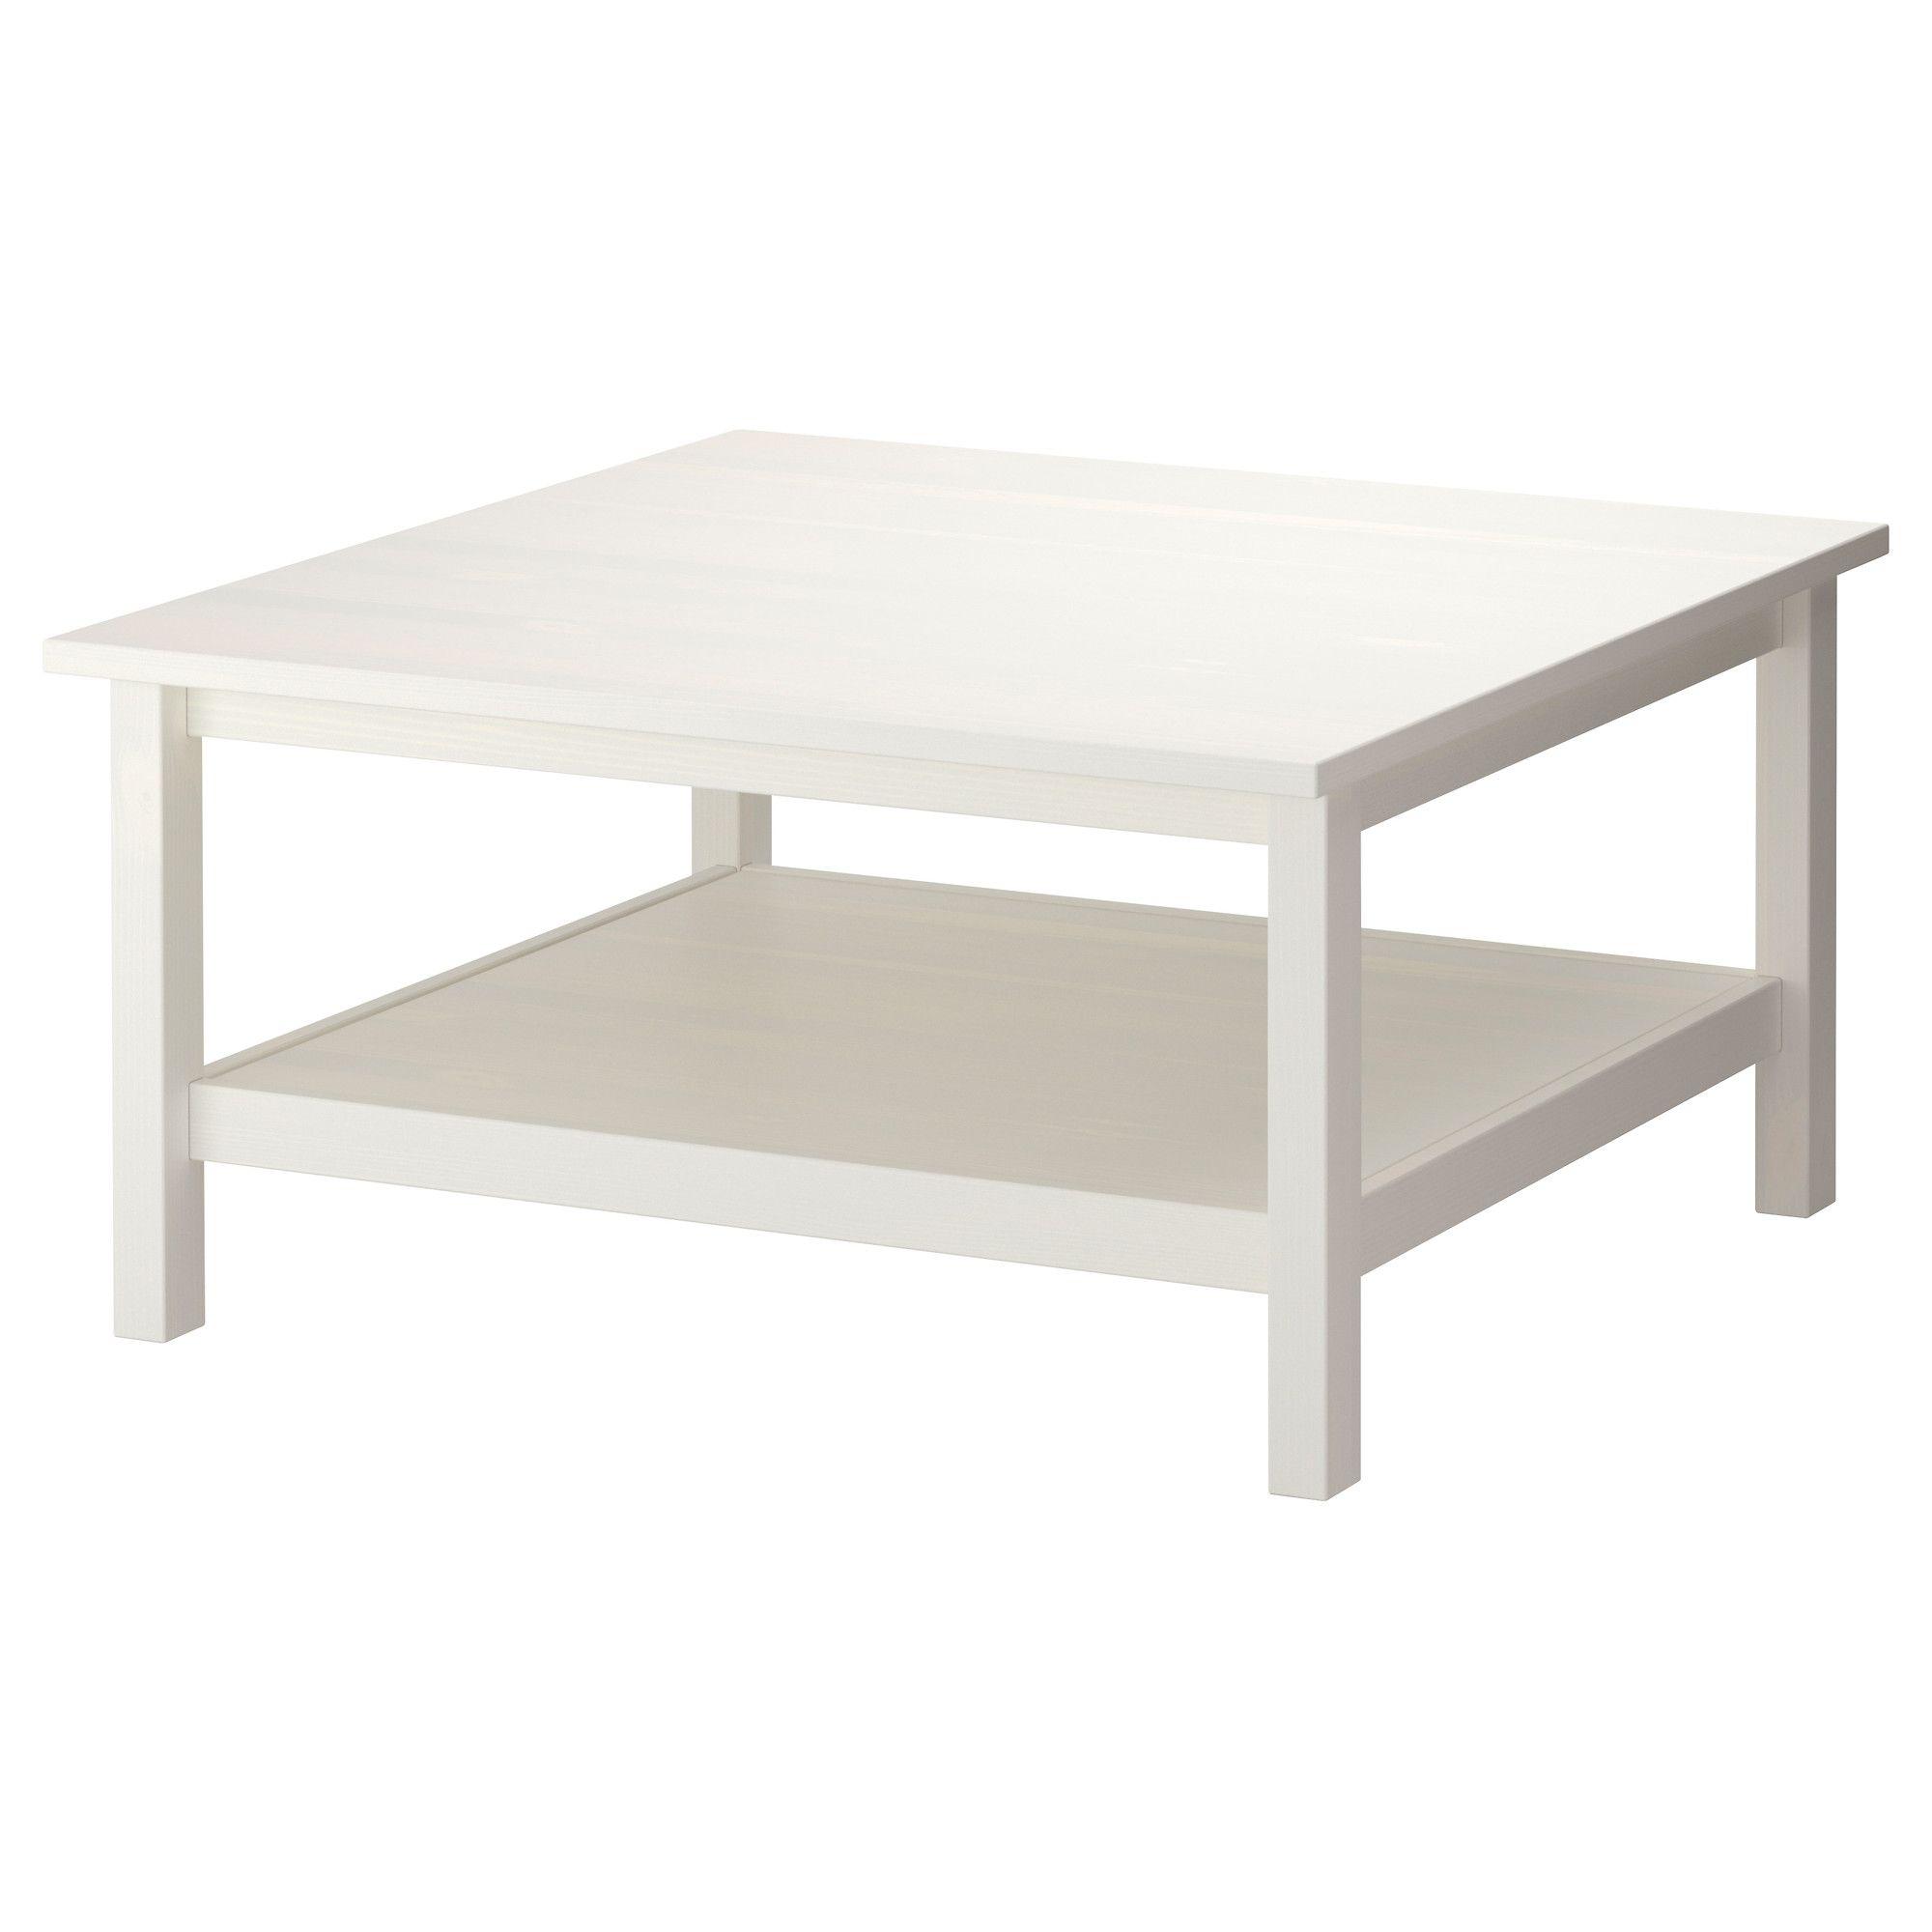 Hemnes Coffee Table White Stain White 35 3 8x35 3 8 Ikea Coffee Table Coffee Table White Ikea Coffee Table [ 2000 x 2000 Pixel ]